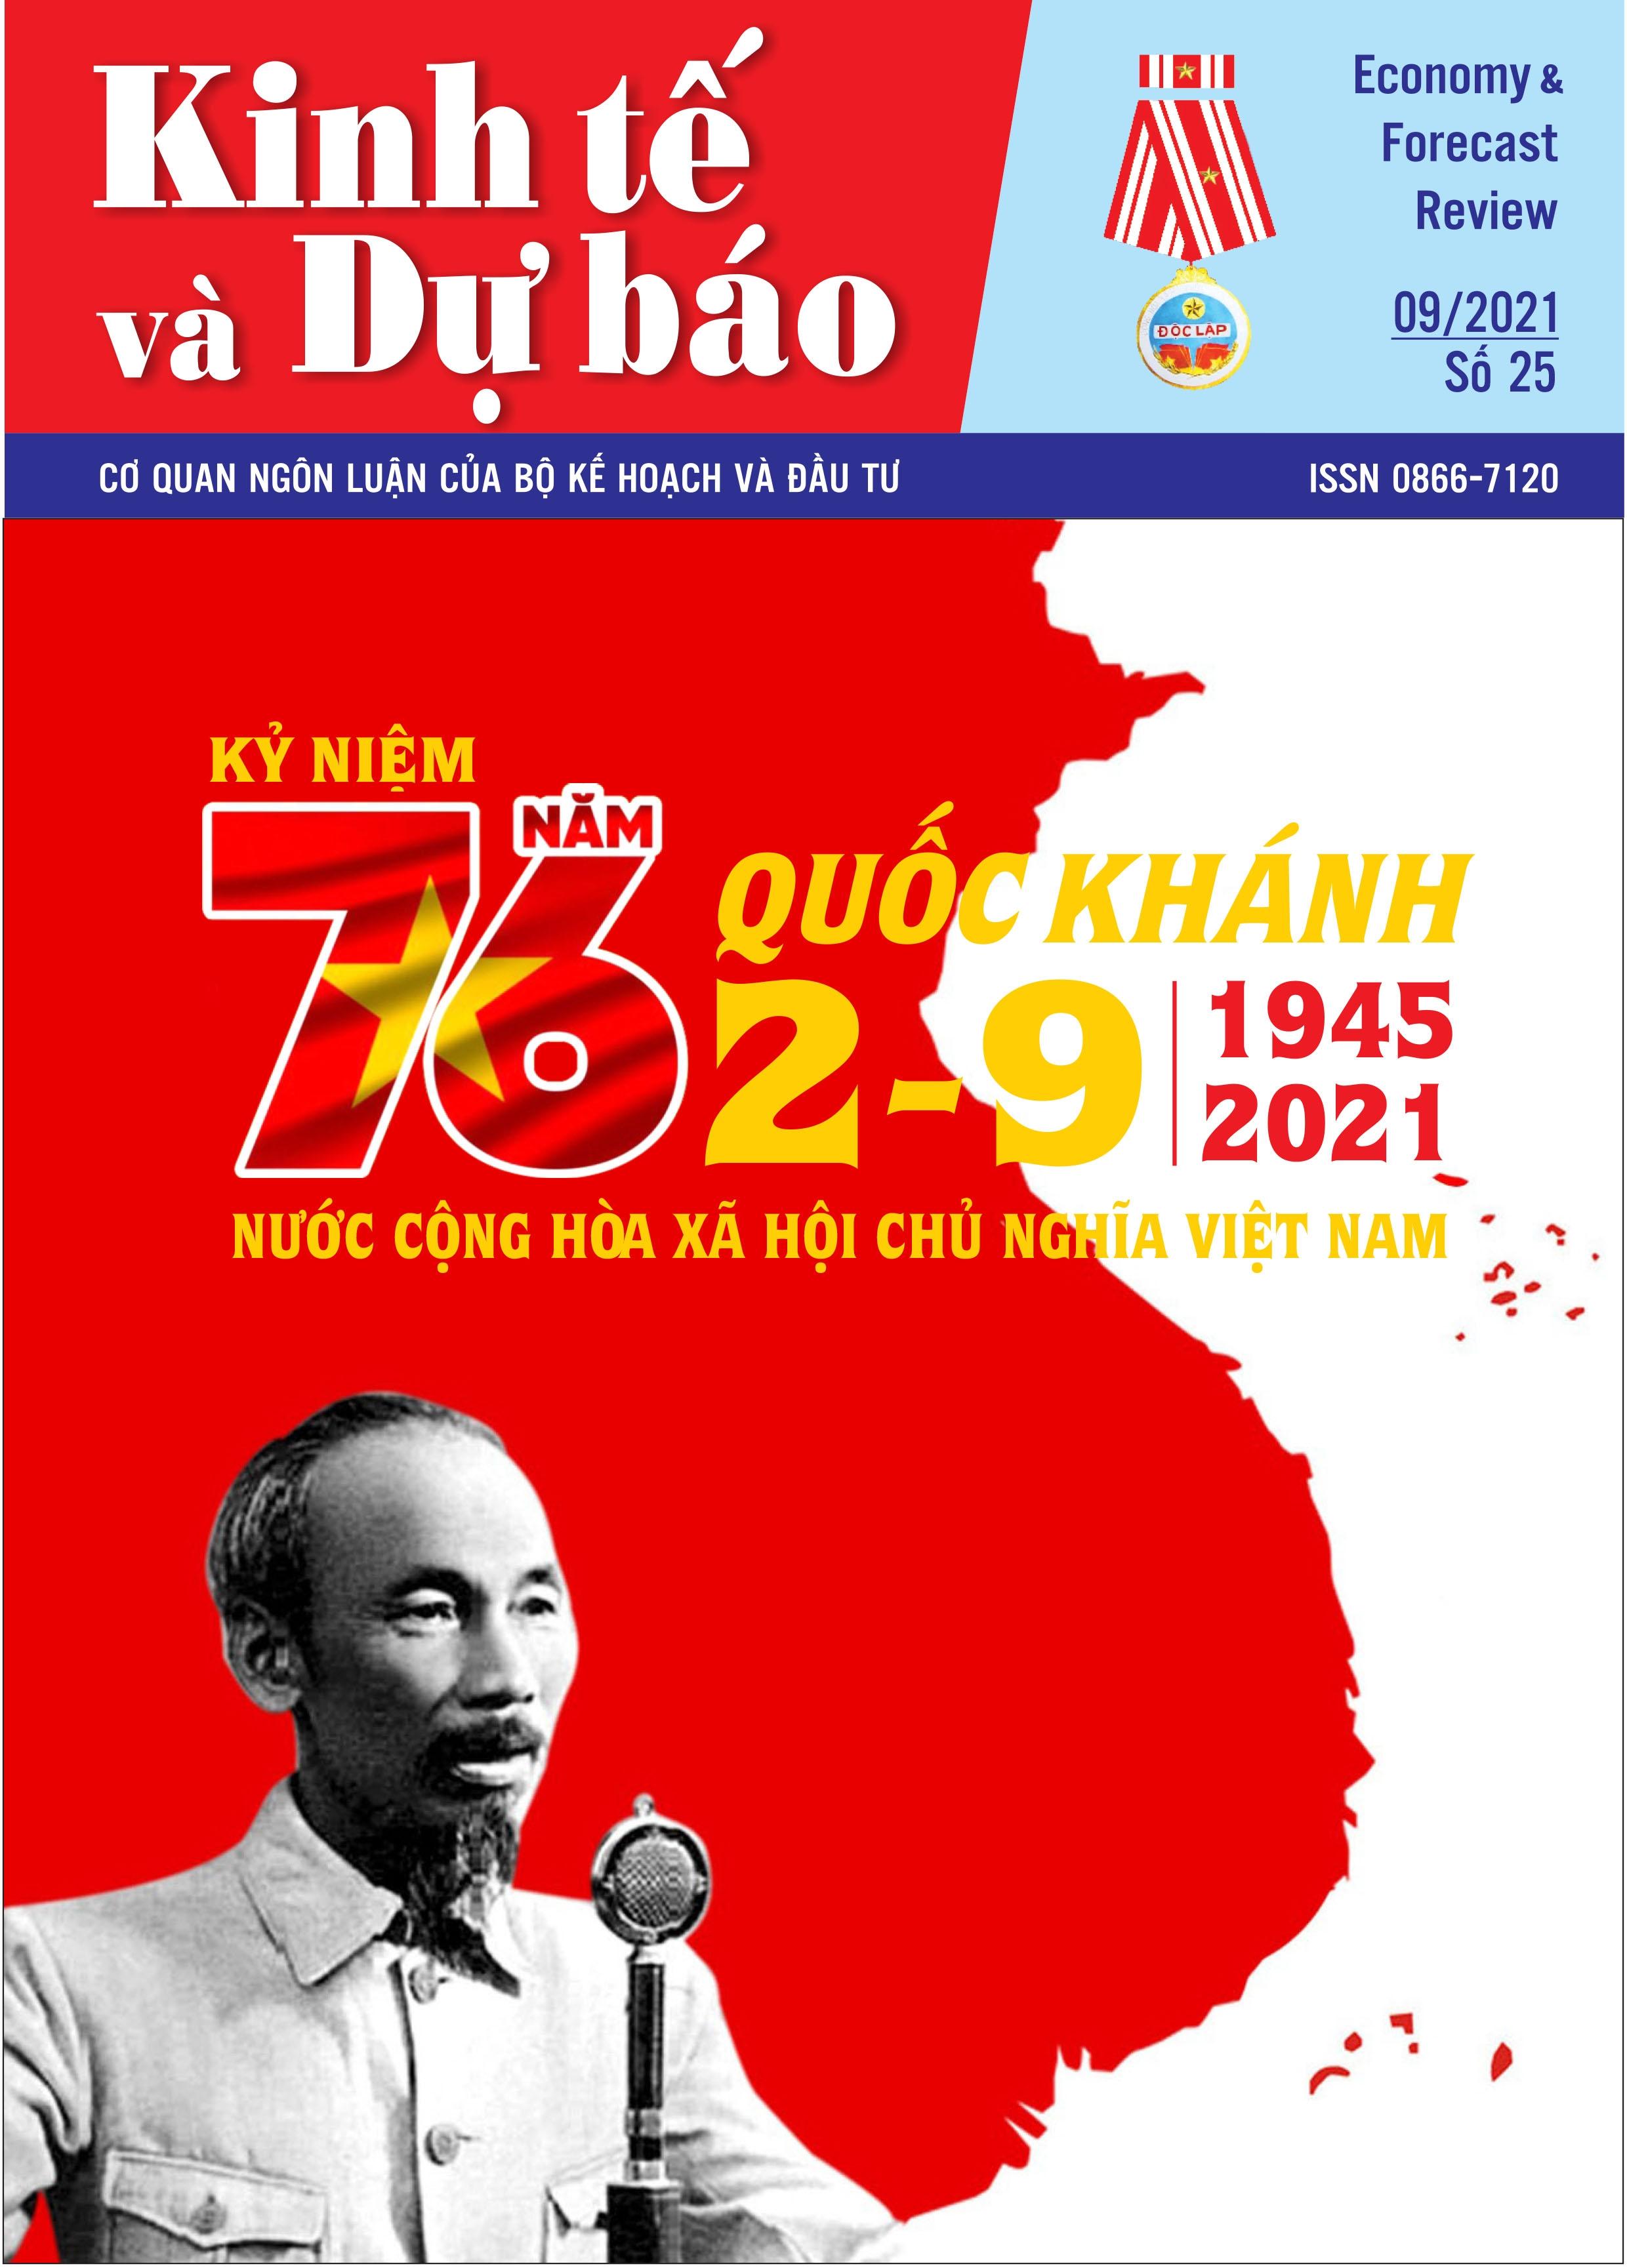 Giới thiệu Tạp chí Kinh tế và Dự báo số 25 (779)